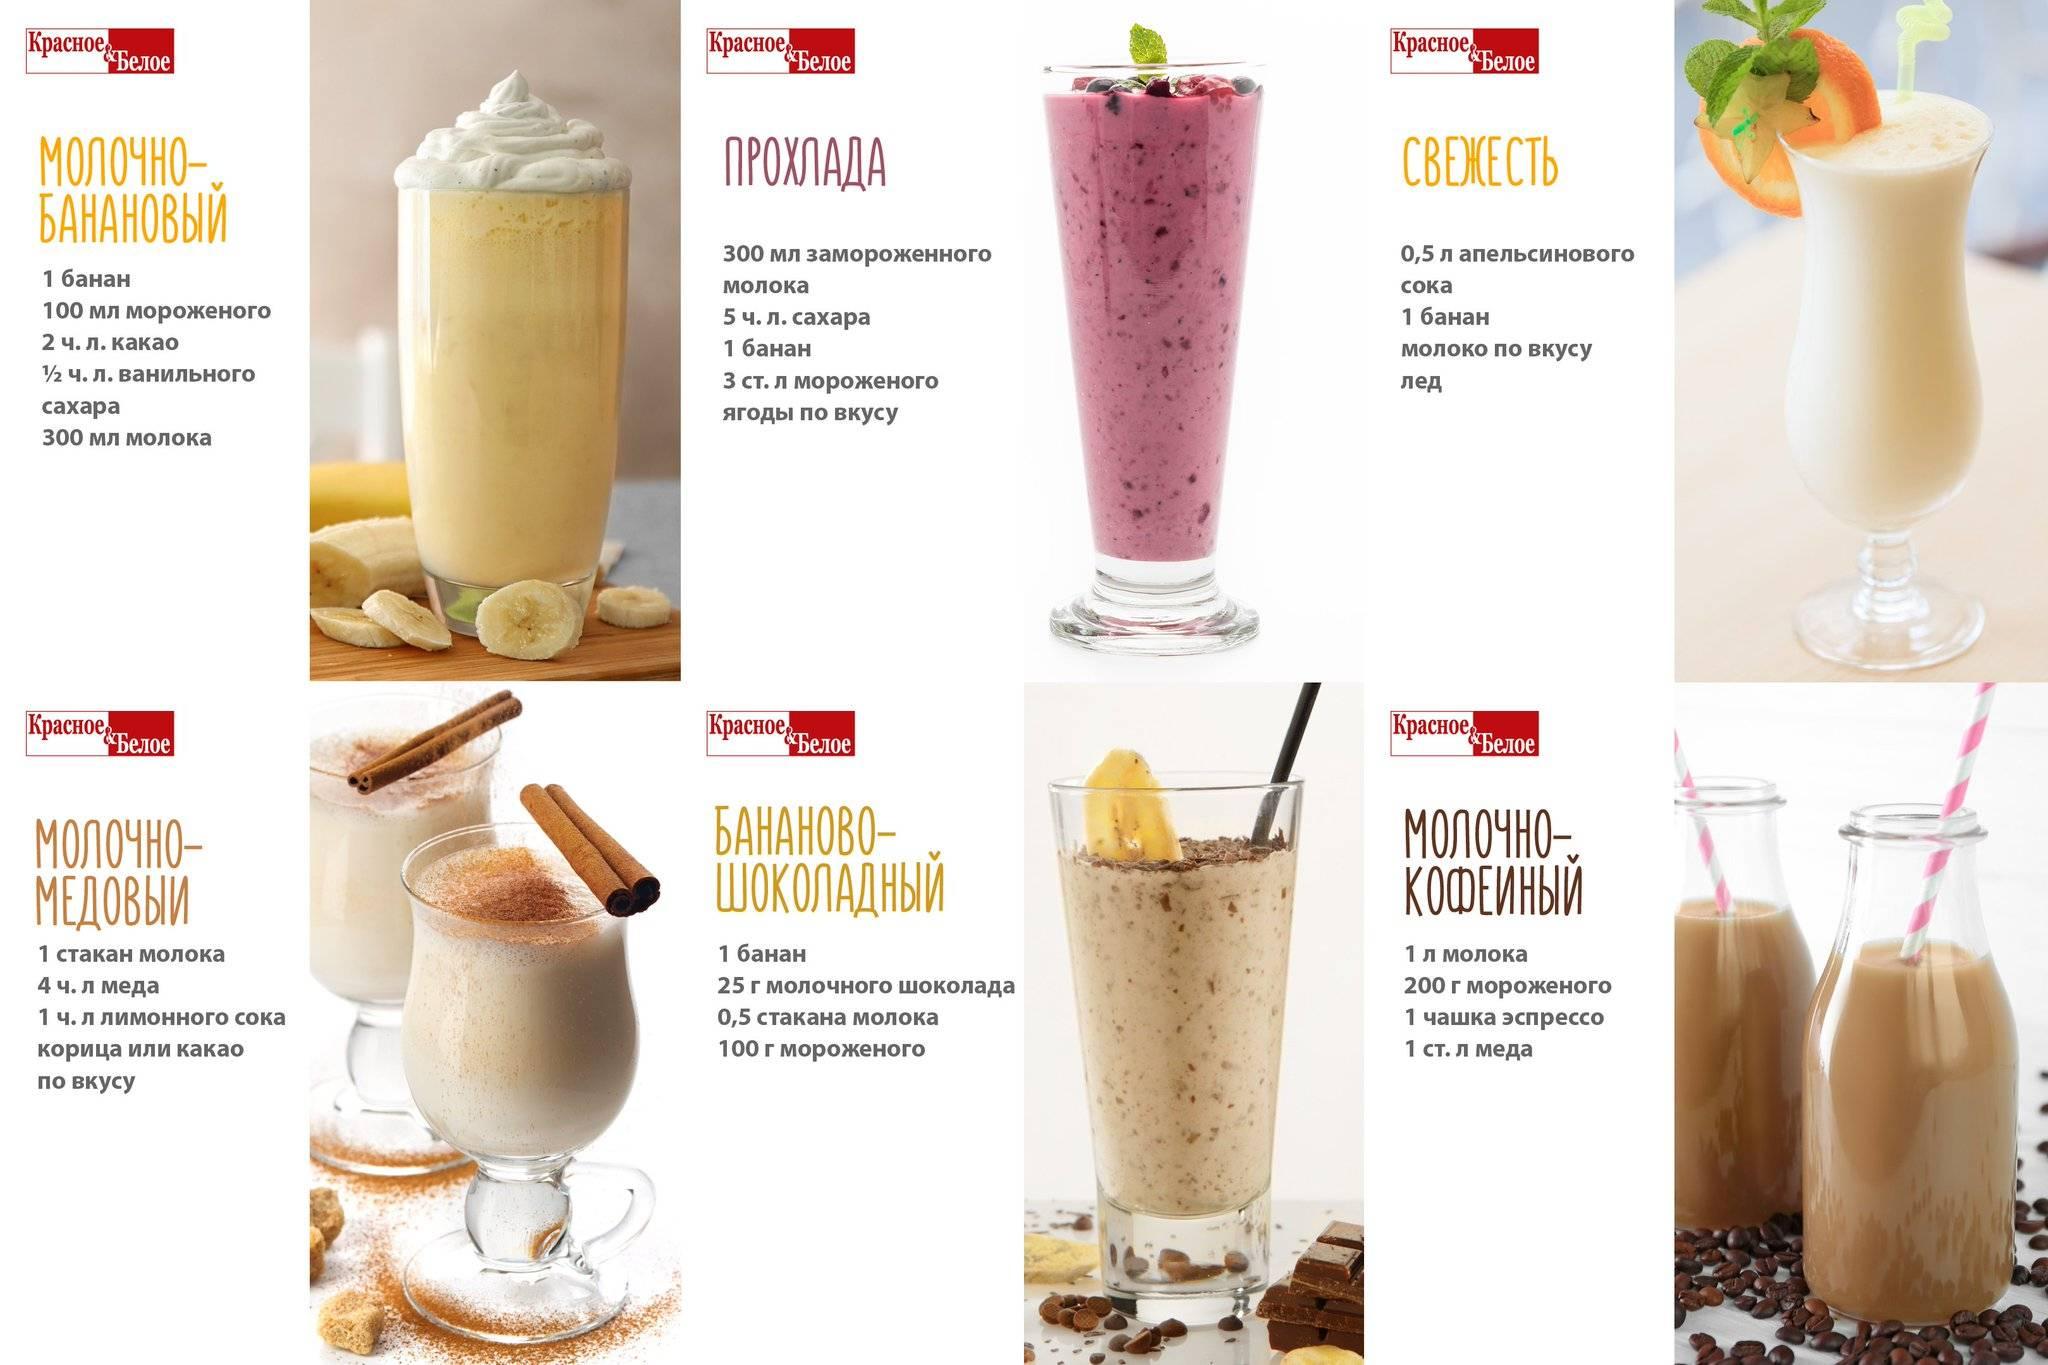 Кофейный коктейль: рецепты напитков (молочных, алкогольных, холодных)